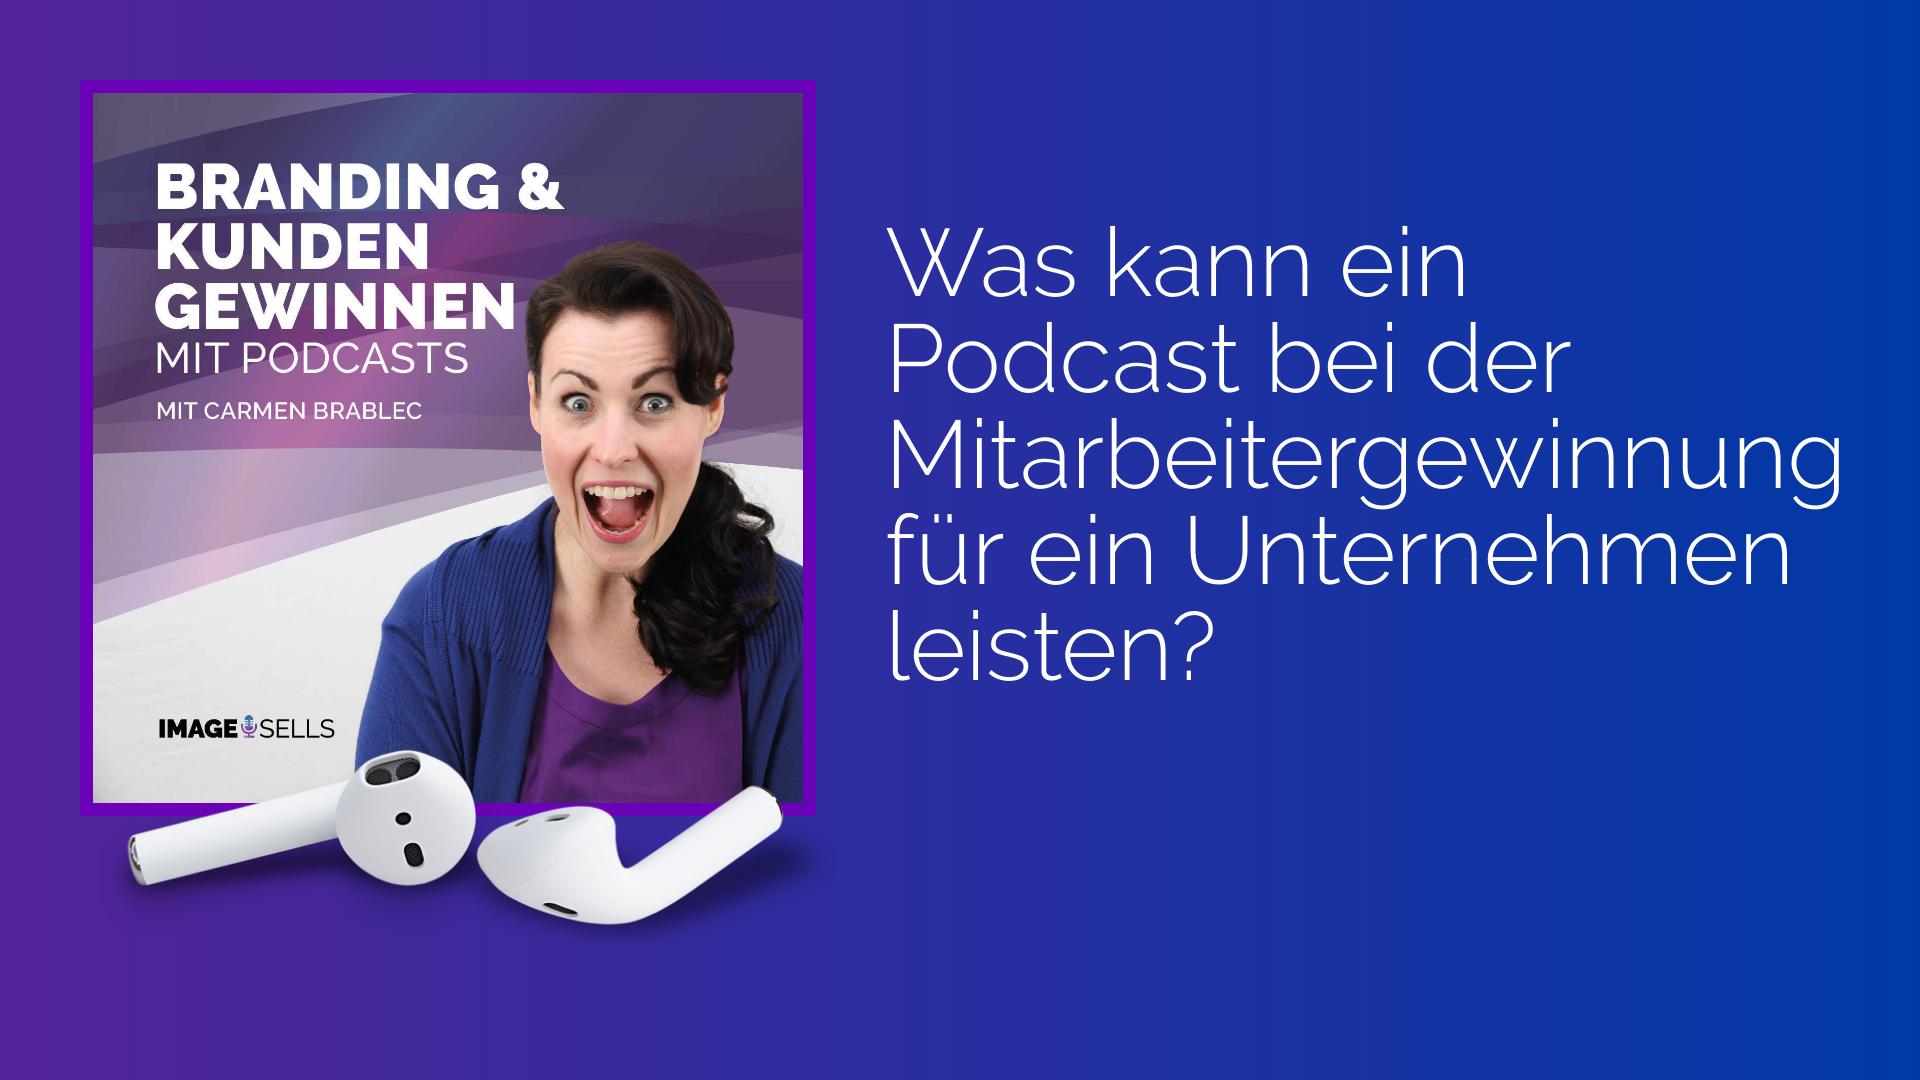 Wobei kann unserem Unternehmen ein Podcast nutzen: Bei der Mitarbeitergewinnung